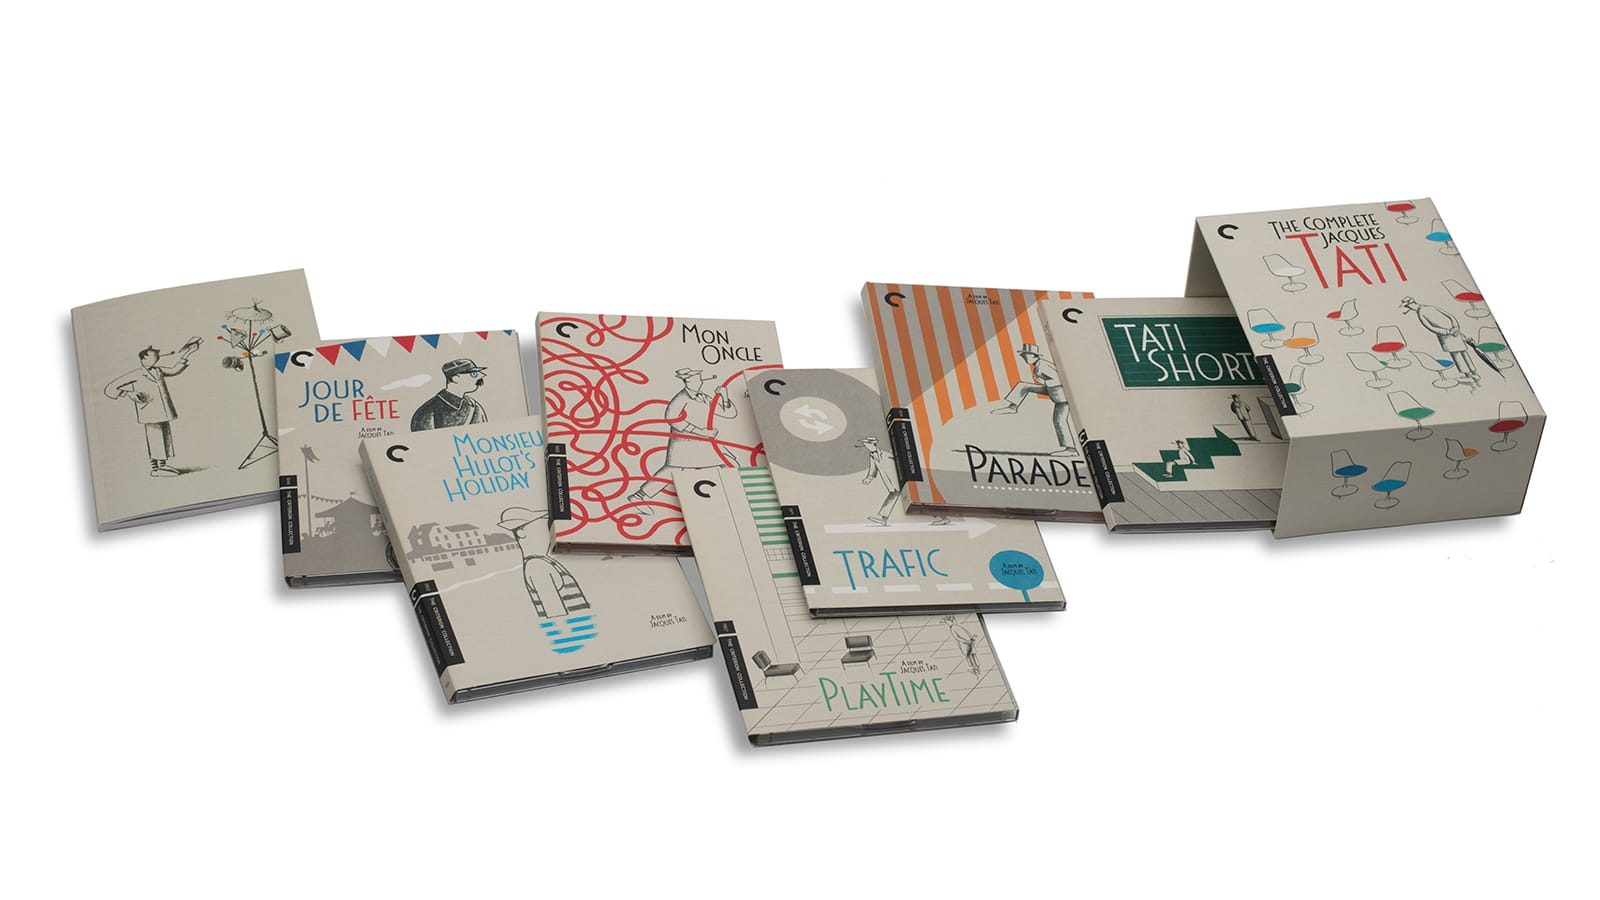 The Complete Jacques Tati